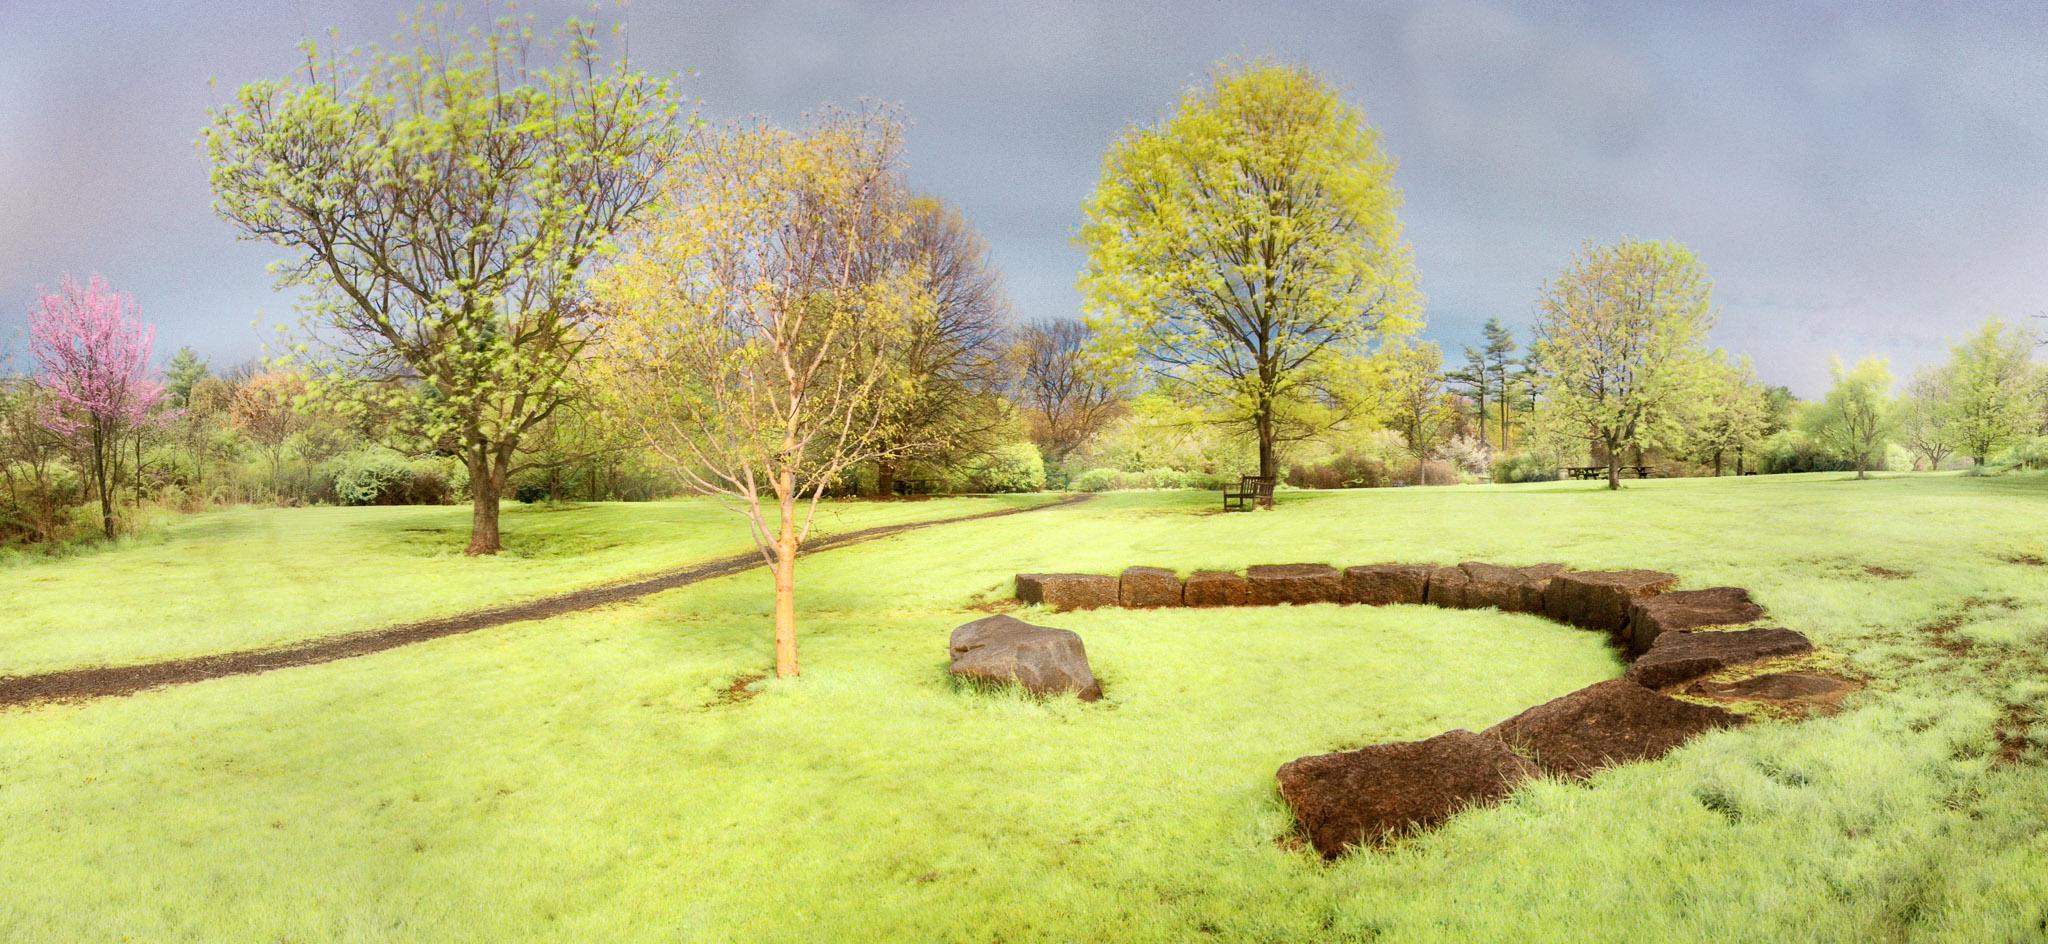 Acton Arboretum, Massachusetts